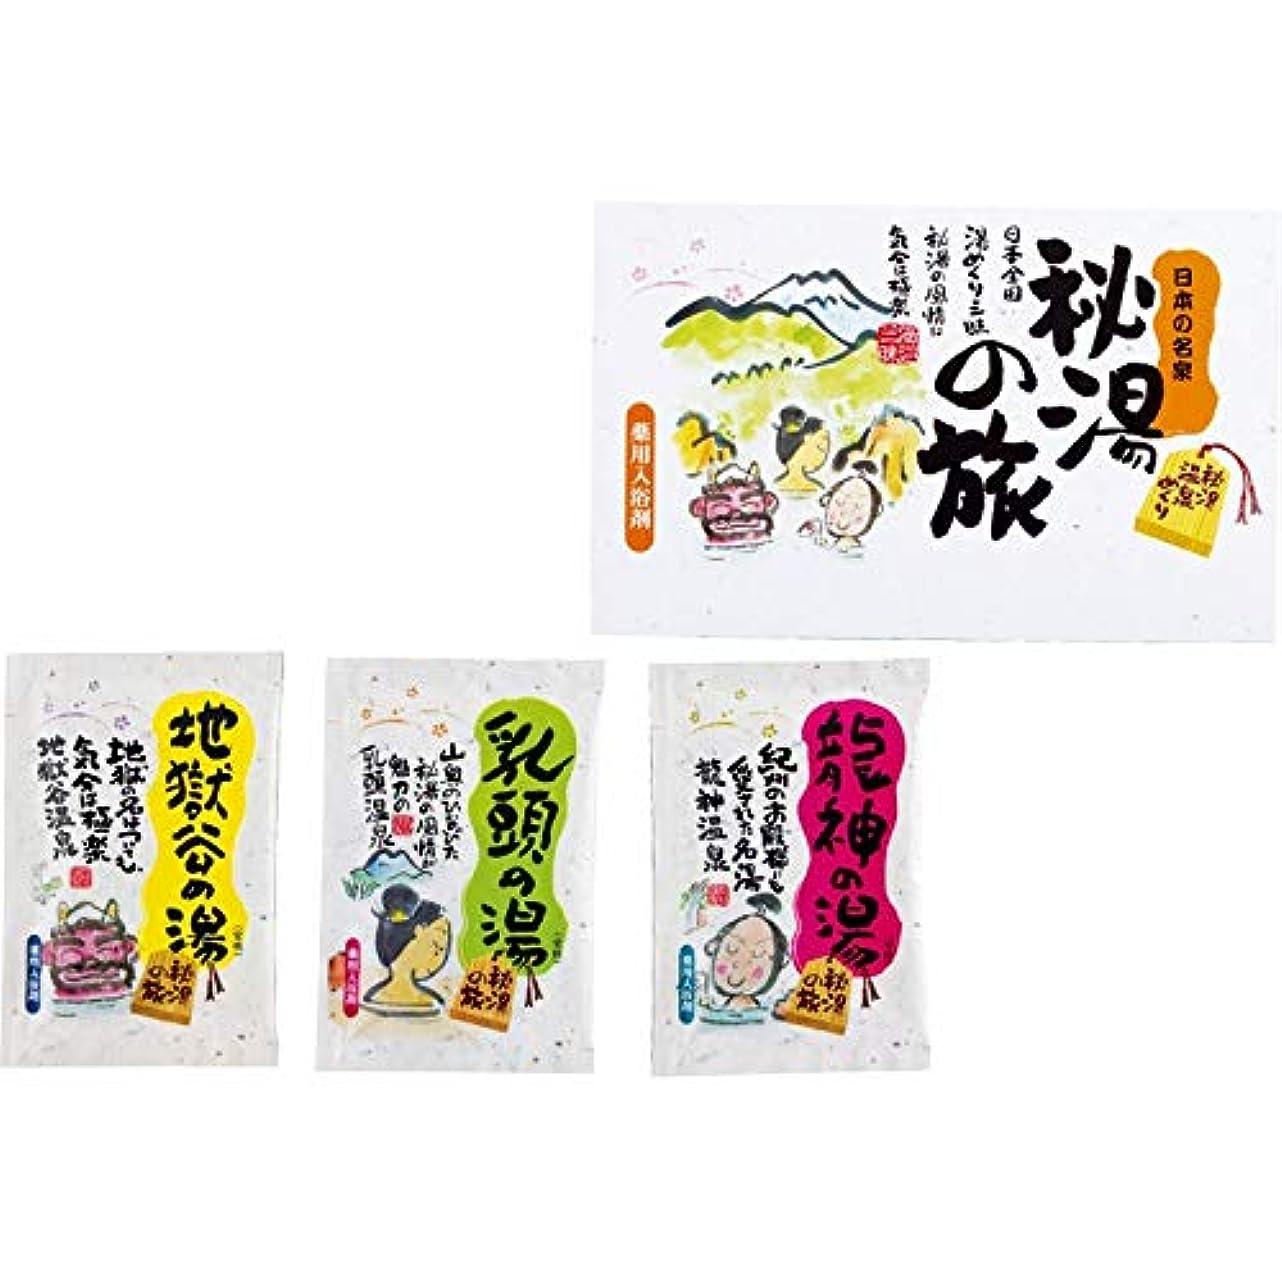 配当遺伝的陰気薬用入浴剤秘湯の旅3P PH-3P 【日本製 国産 やくようにゅうよくざい ひとうのたび セットせっと 3個 お風呂 おふろ 温泉気分 おんせんきぶん】